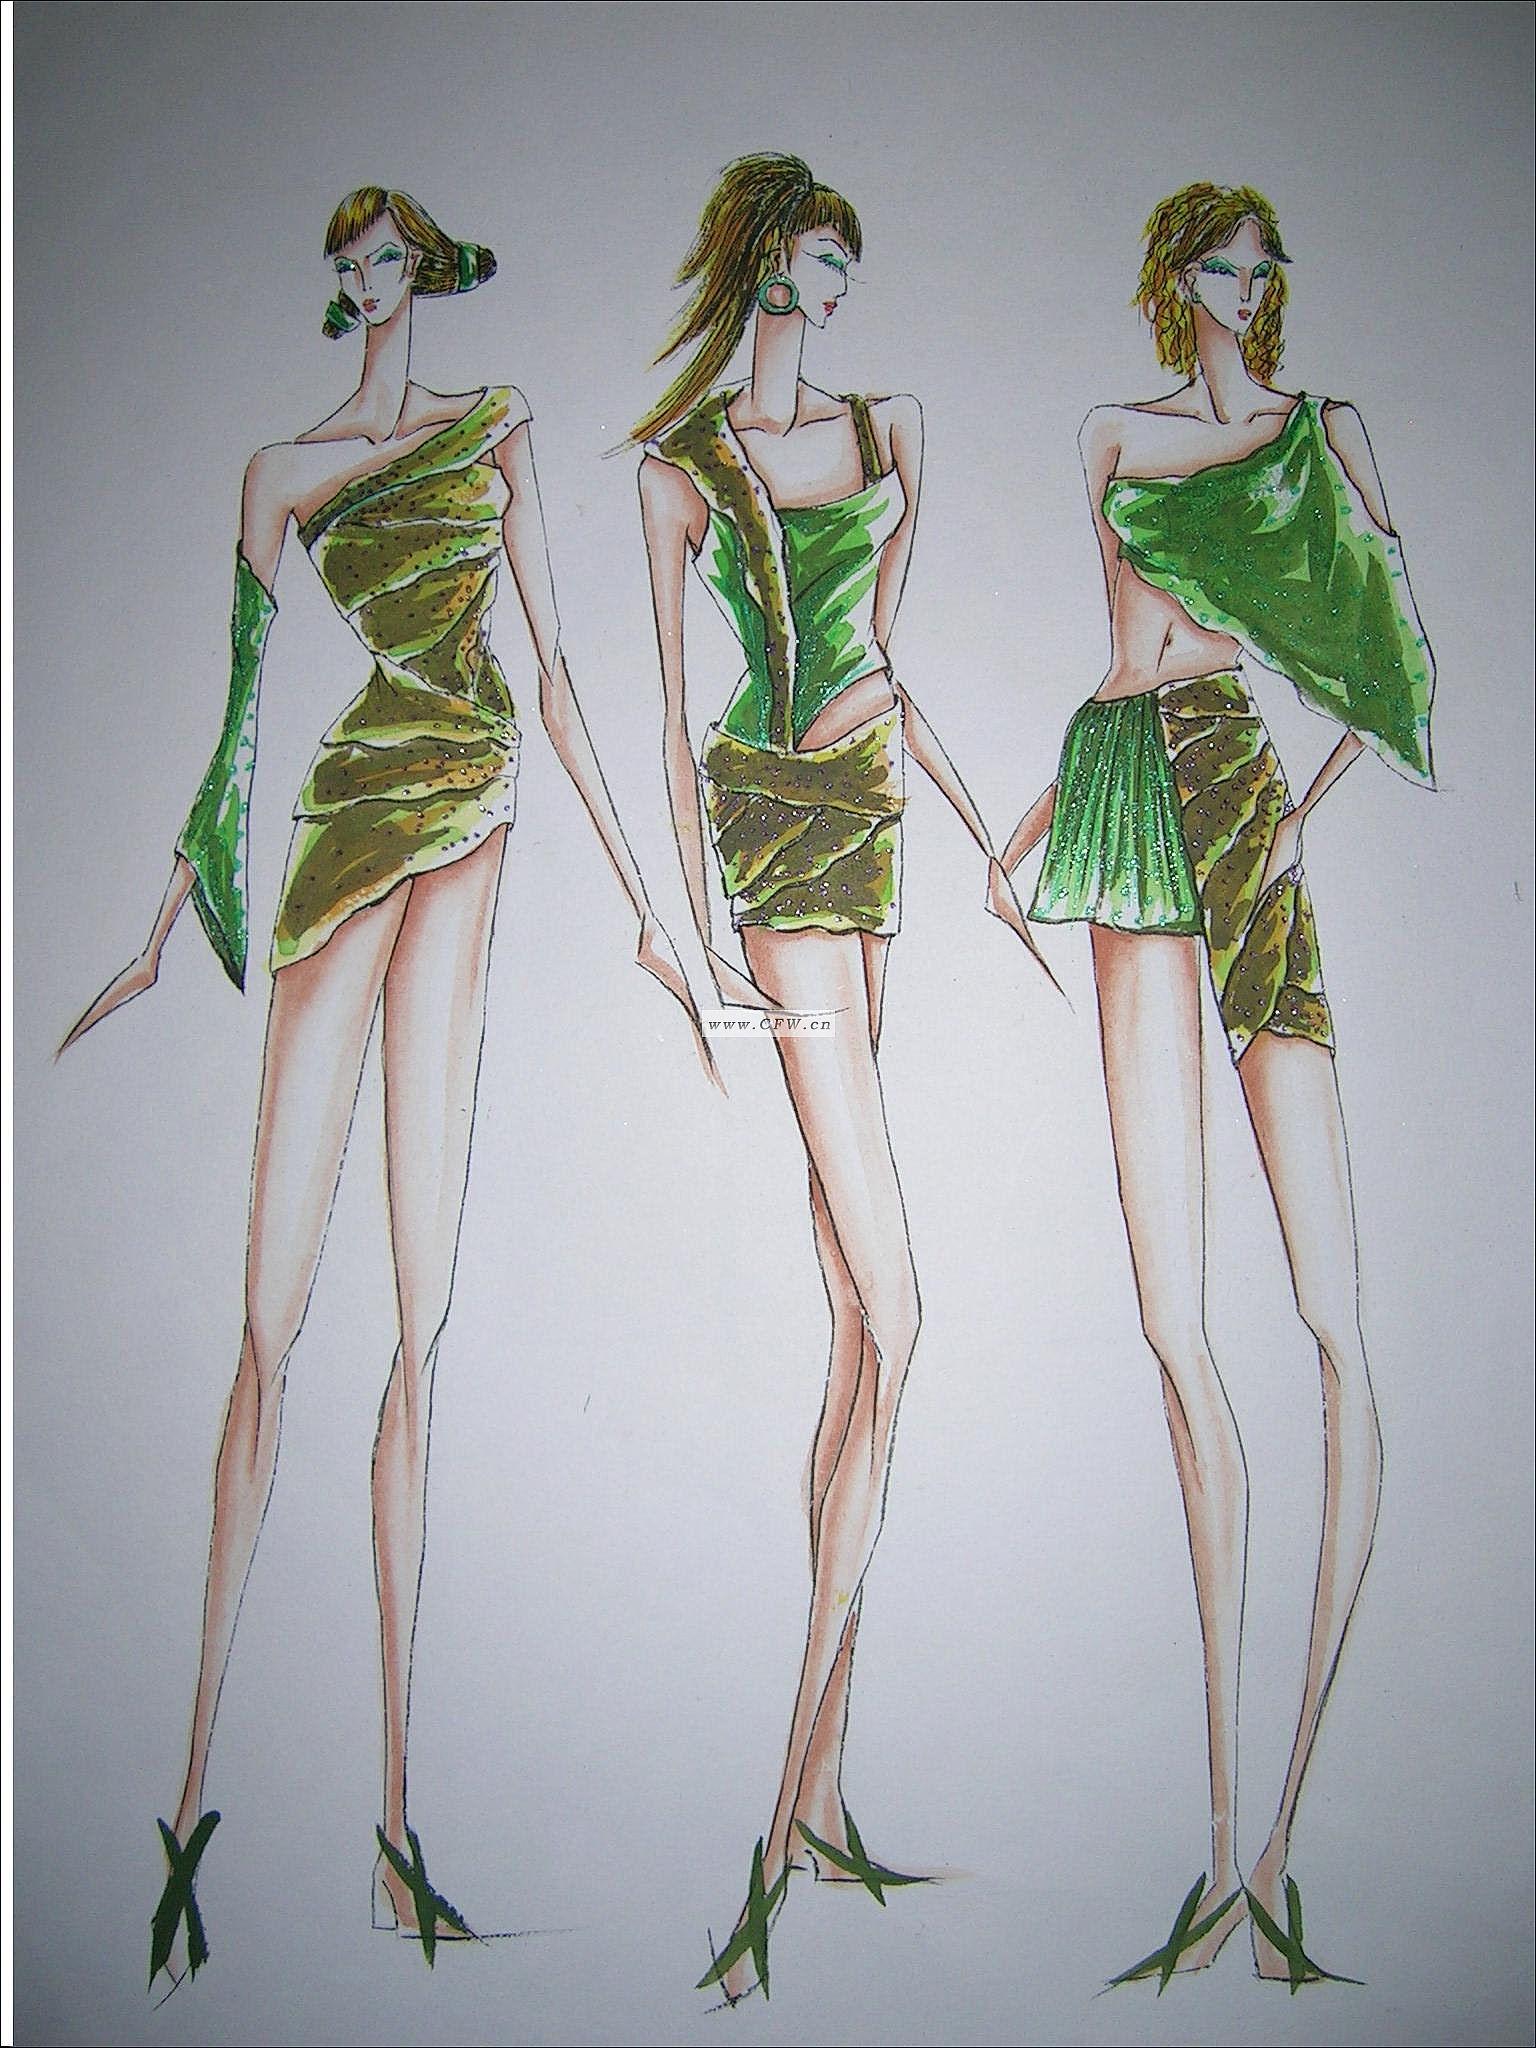 钢笔点画-图案设计设计-服装设计-服装设计网手机版